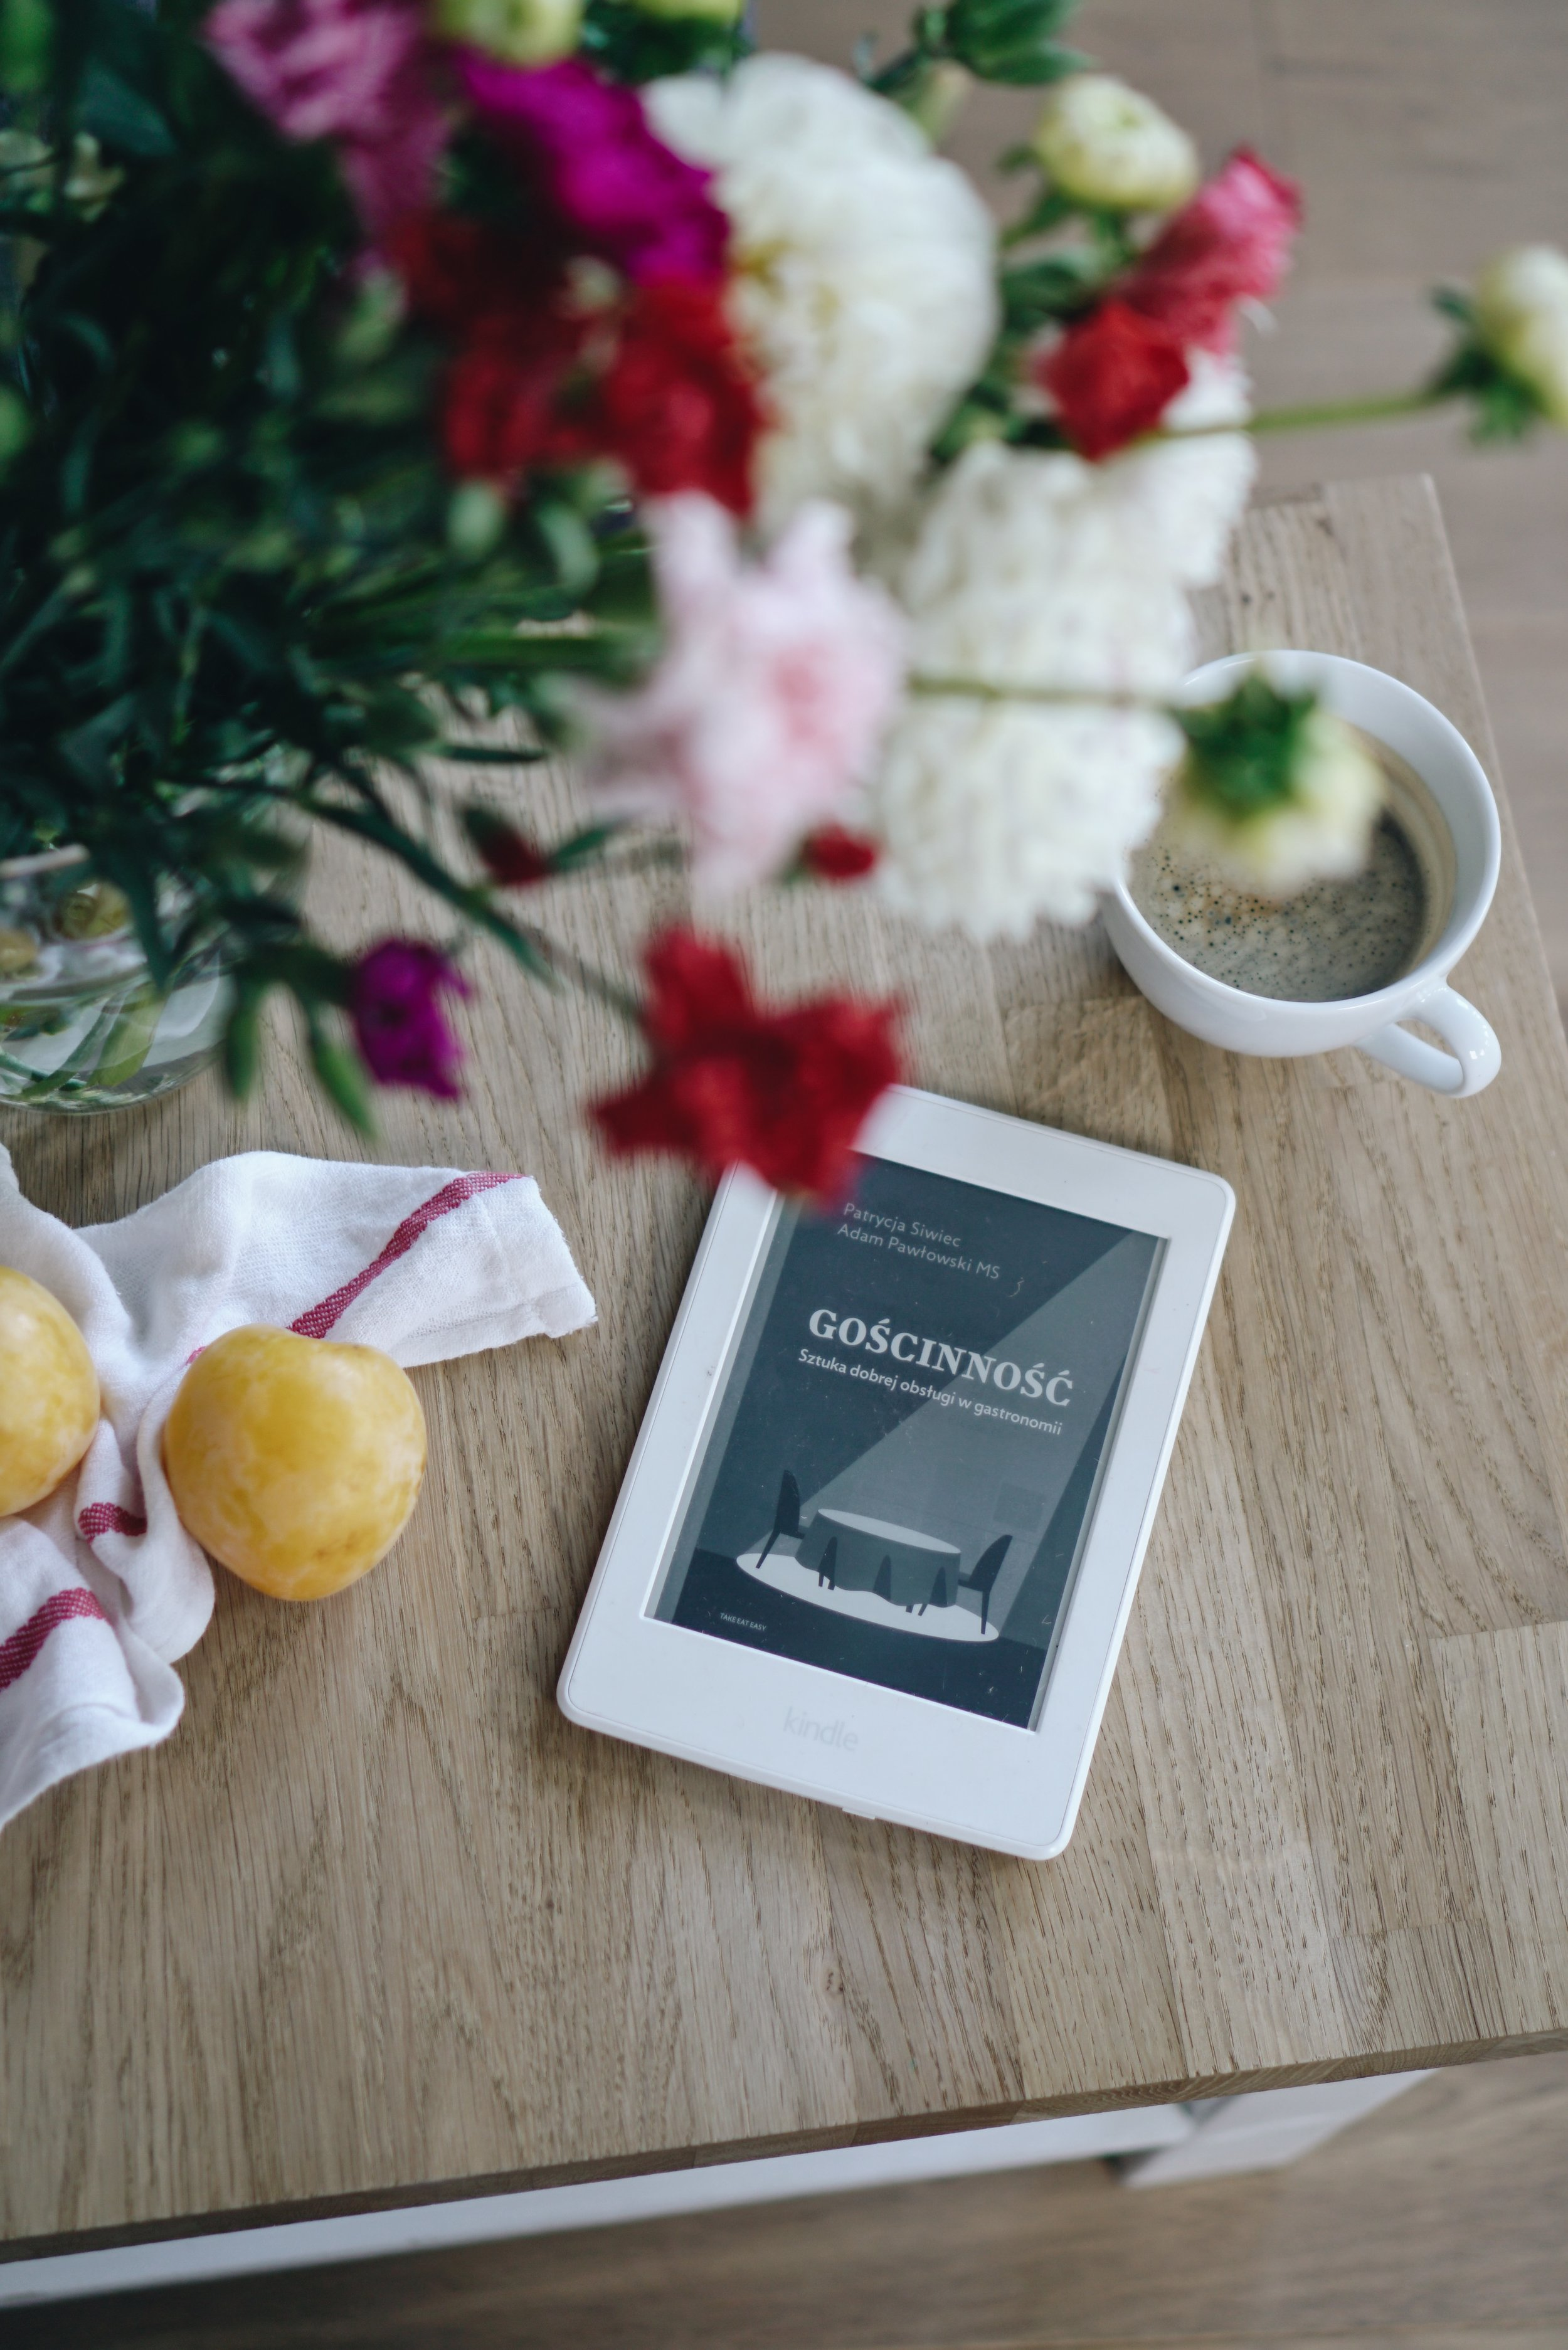 4 książki wokół stołu - W mojej relacji z literaturą piękną widoczny jest dość sporych rozmiarów kryzys - od miesięcy nie przepadłam w żadnej przeczytanej historii albo choćby w jednym zdaniu. Ku własnemu zdziwieniu kryzys ma bardzo przyjemny skutek - moje 4 ostatnie lektury wiążą się mniej lub bardziej z jedzeniem!Więcej →